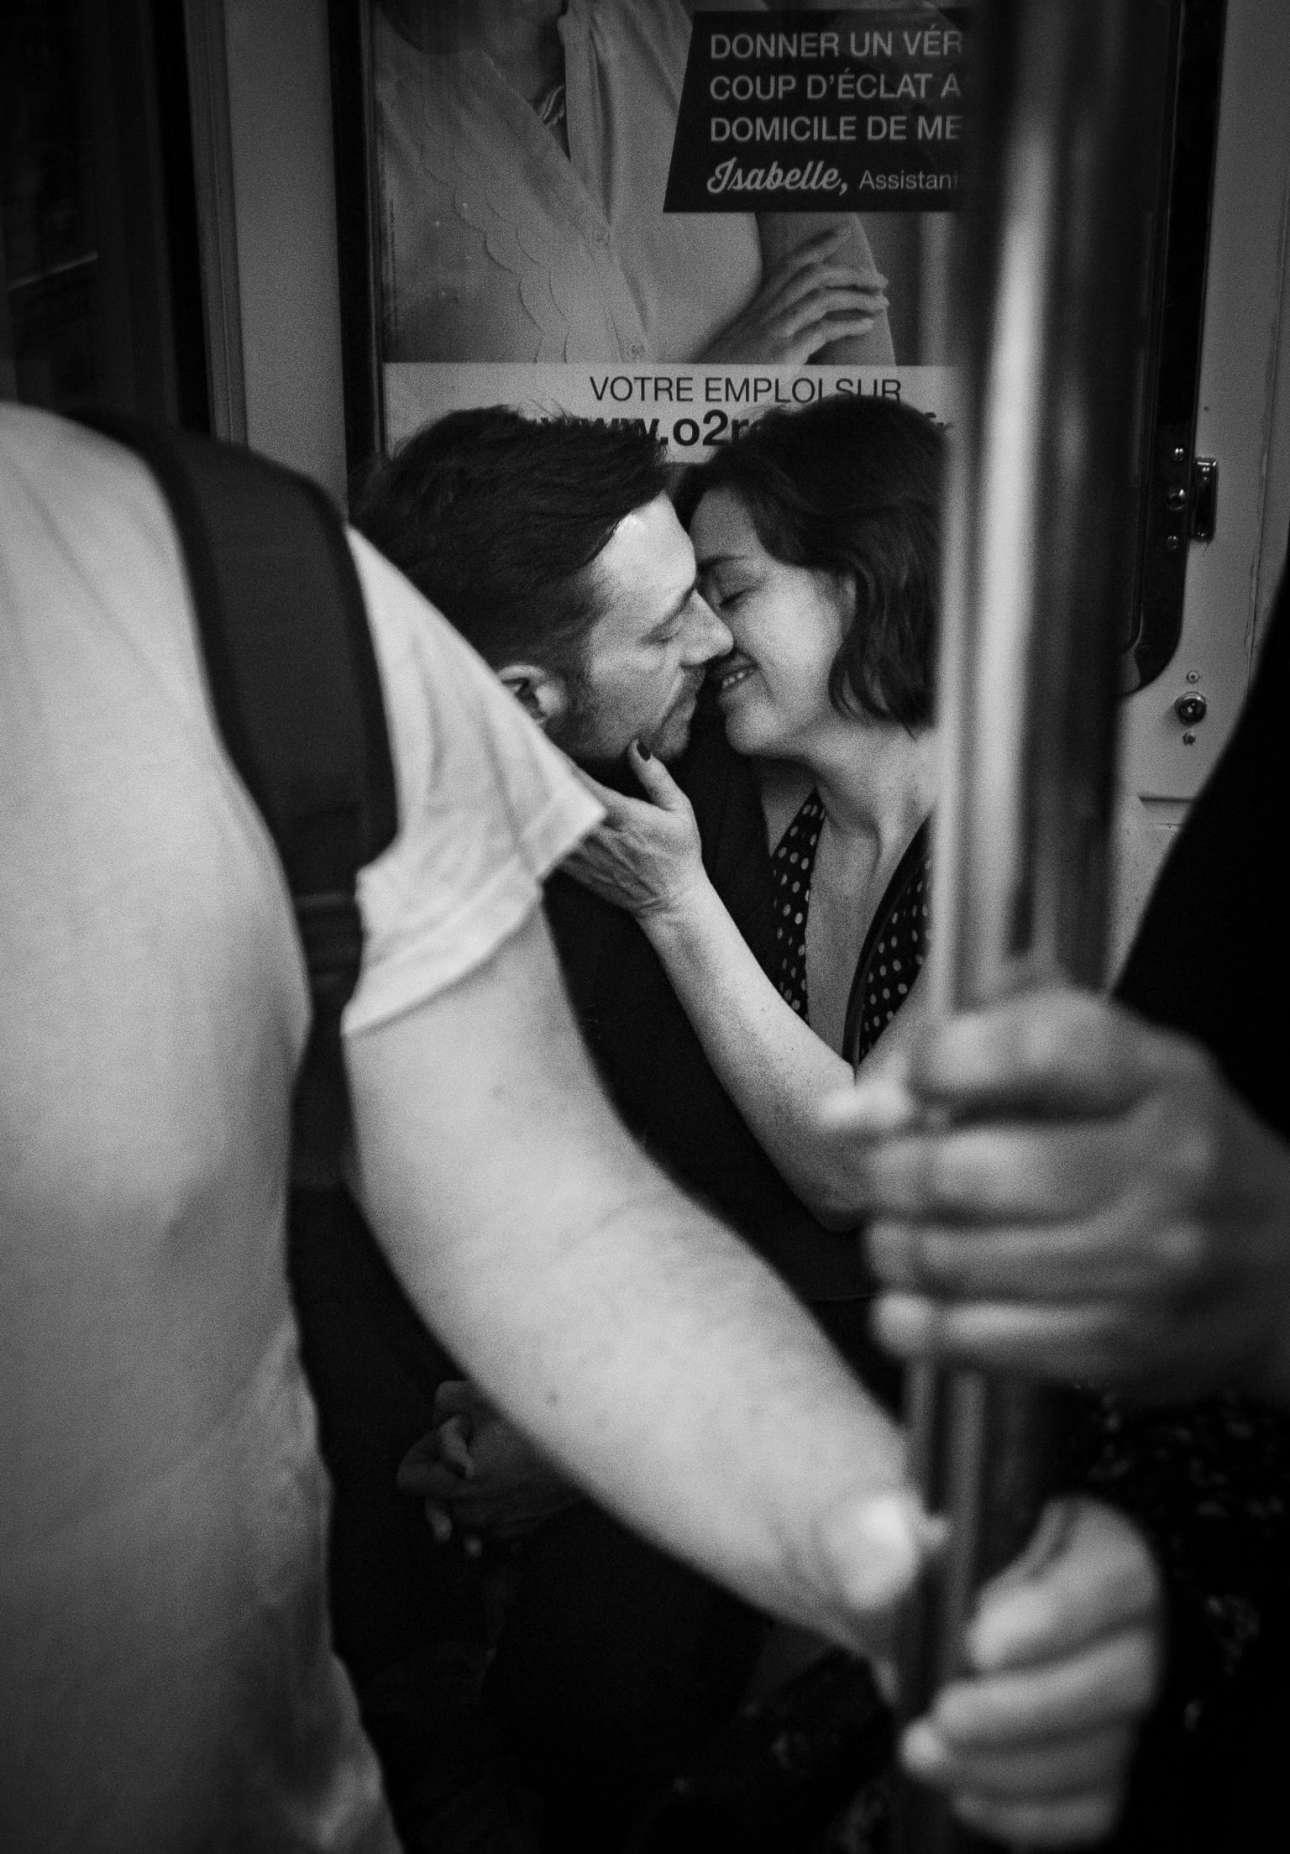 Φιναλίστ στην κατηγορία Αγάπη. Ενα ερωτευμένο ζευγάρι στο μετρό του Παρισιού